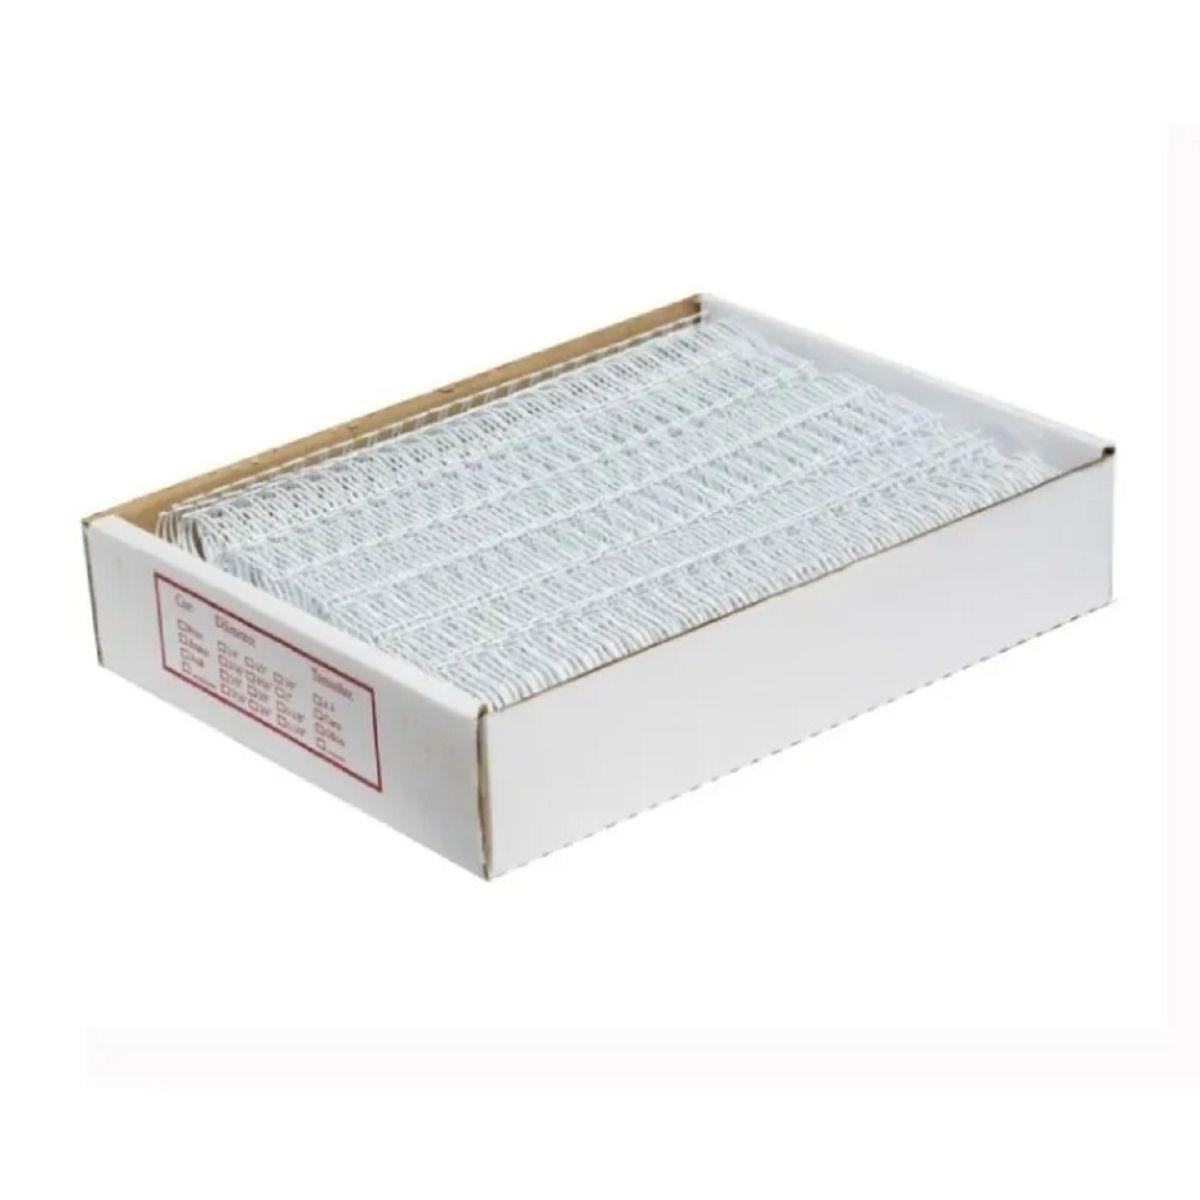 Kit 250 Garras Wire-o para Encadernação A4 Branco Passo 2x1  - Click Suprimentos